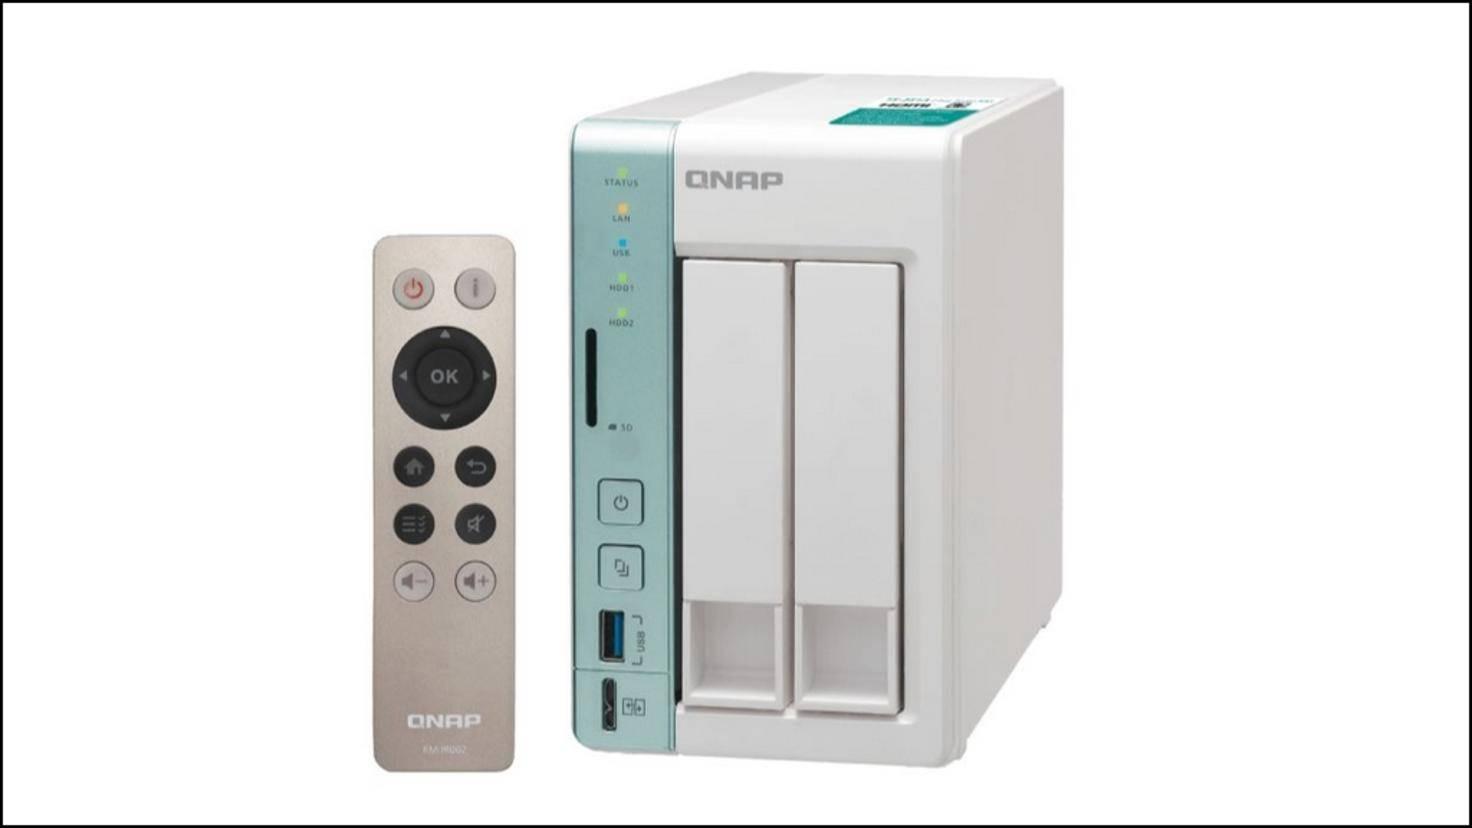 QNAP-TS251A